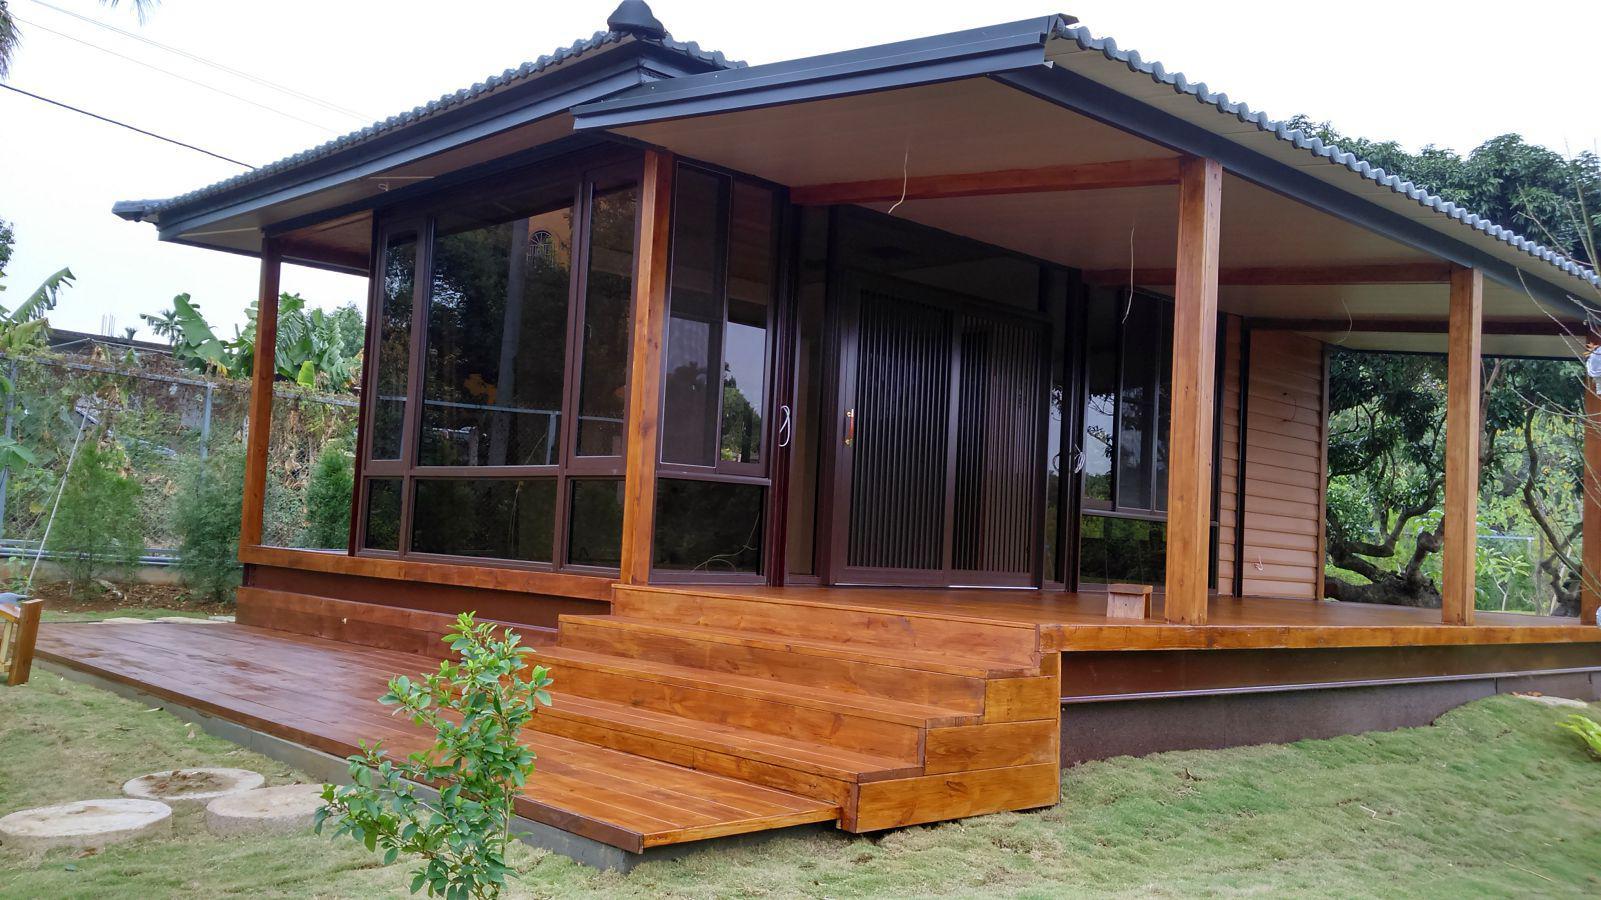 《適用範圍》渡假別墅、民宿經營、自宅改建 《手作木屋特色》複合式木屋主體結構採用鋼構主體,在內部與外牆部分採用木作施工,利用木頭特性來提升房屋的呼吸度,讓原本單調的組合房屋提升為日式手作木屋,手作木屋的施做工法與日本工法雷同。 《可變更設計內容》牆板為隔音隔熱之材質,原色為白色,可變更為木紋色或是增加原木魚鱗板,房屋內部可做全木設計或是鄉村風格裝潢,優勢在於能在您的預算內完成您建設木屋的夢想。 《木屋優點》:室內與室外為木頭裝潢包覆,房子的呼吸係數比鋼筋水泥優且耐震效果佳,屬於節能、舒適之綠建築。